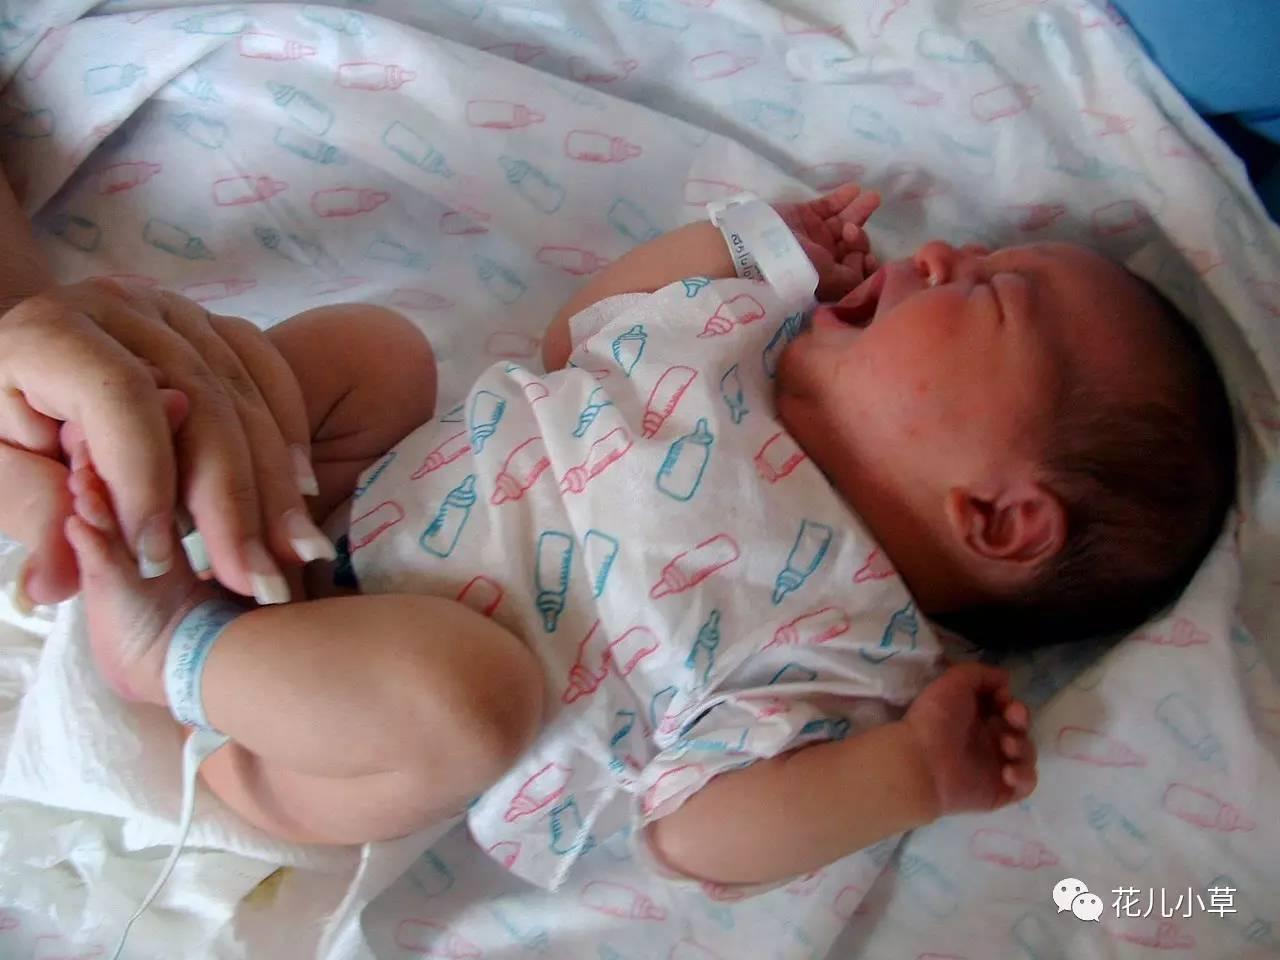 """家有新生儿的父母注意!如果发现宝宝尿布上出现这个"""""""